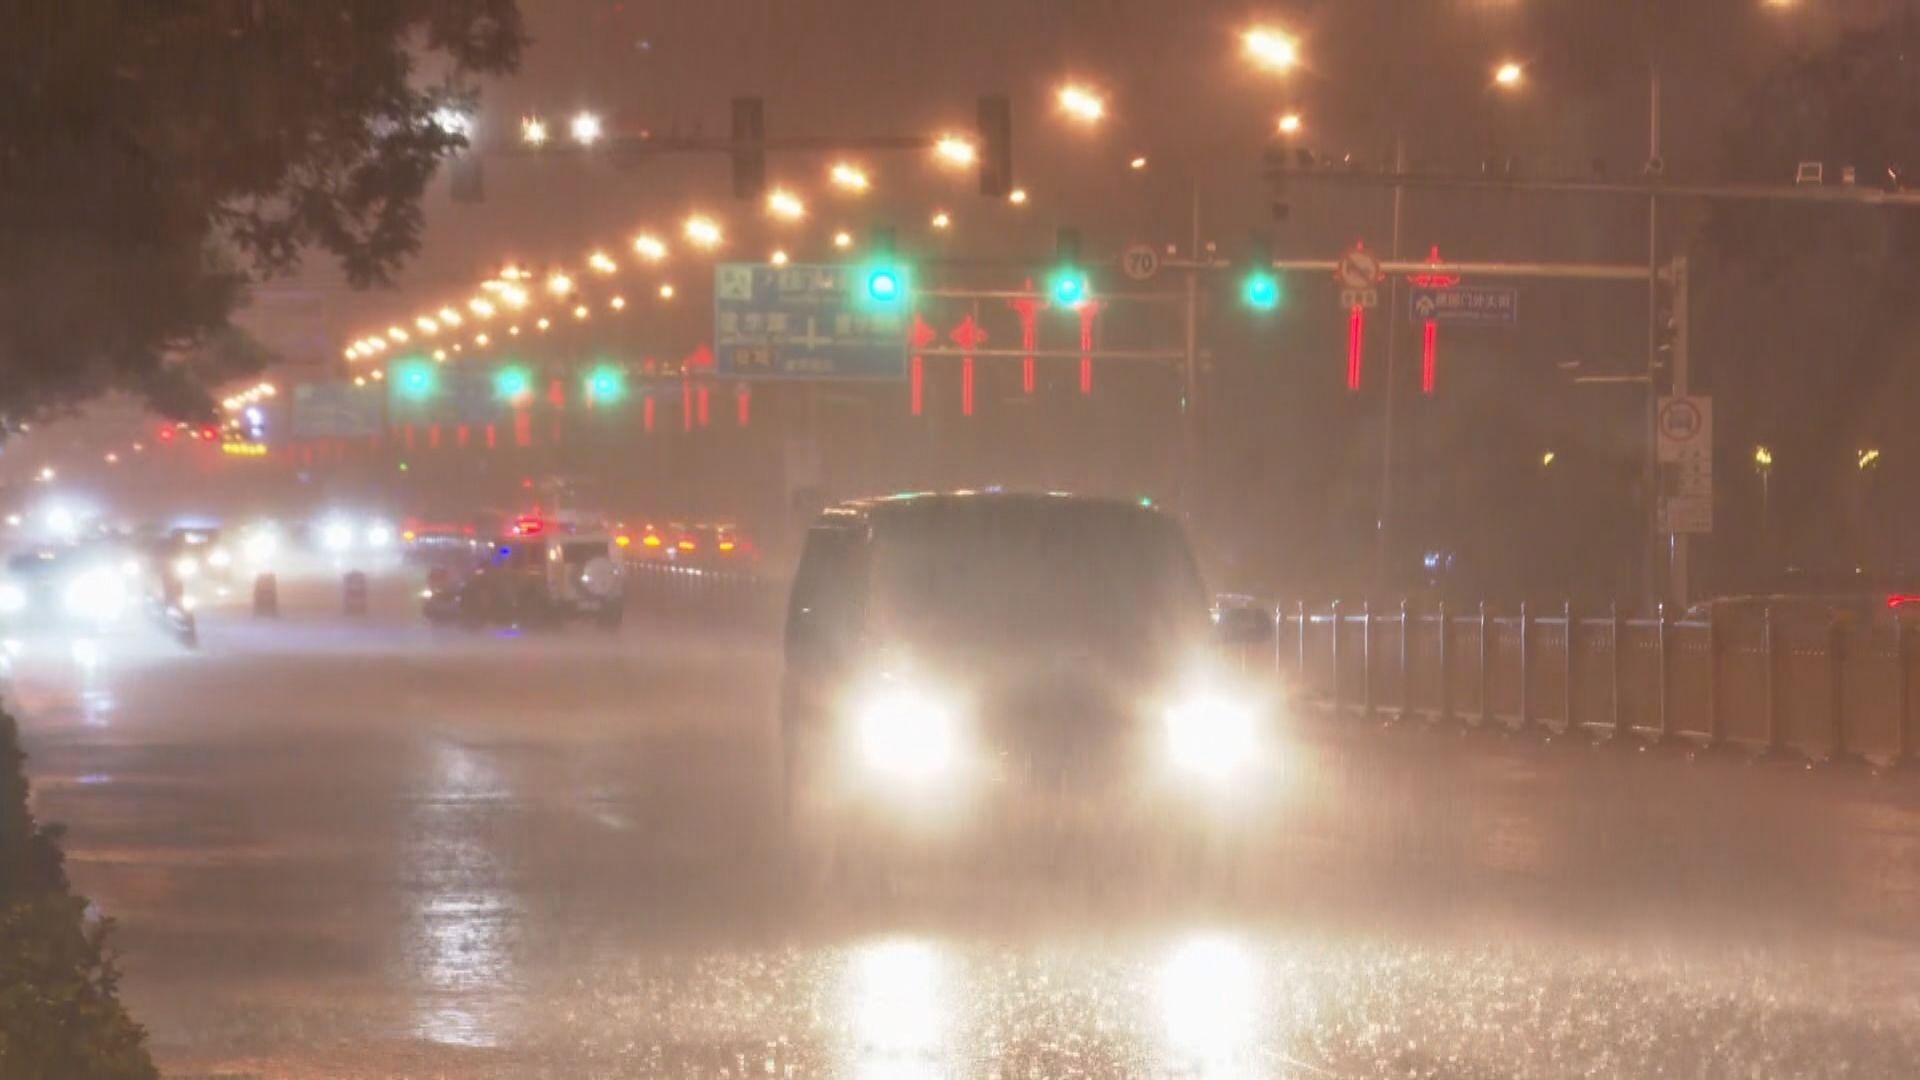 華北出現今年以來最強暴雨 北京中小學及幼稚園停課